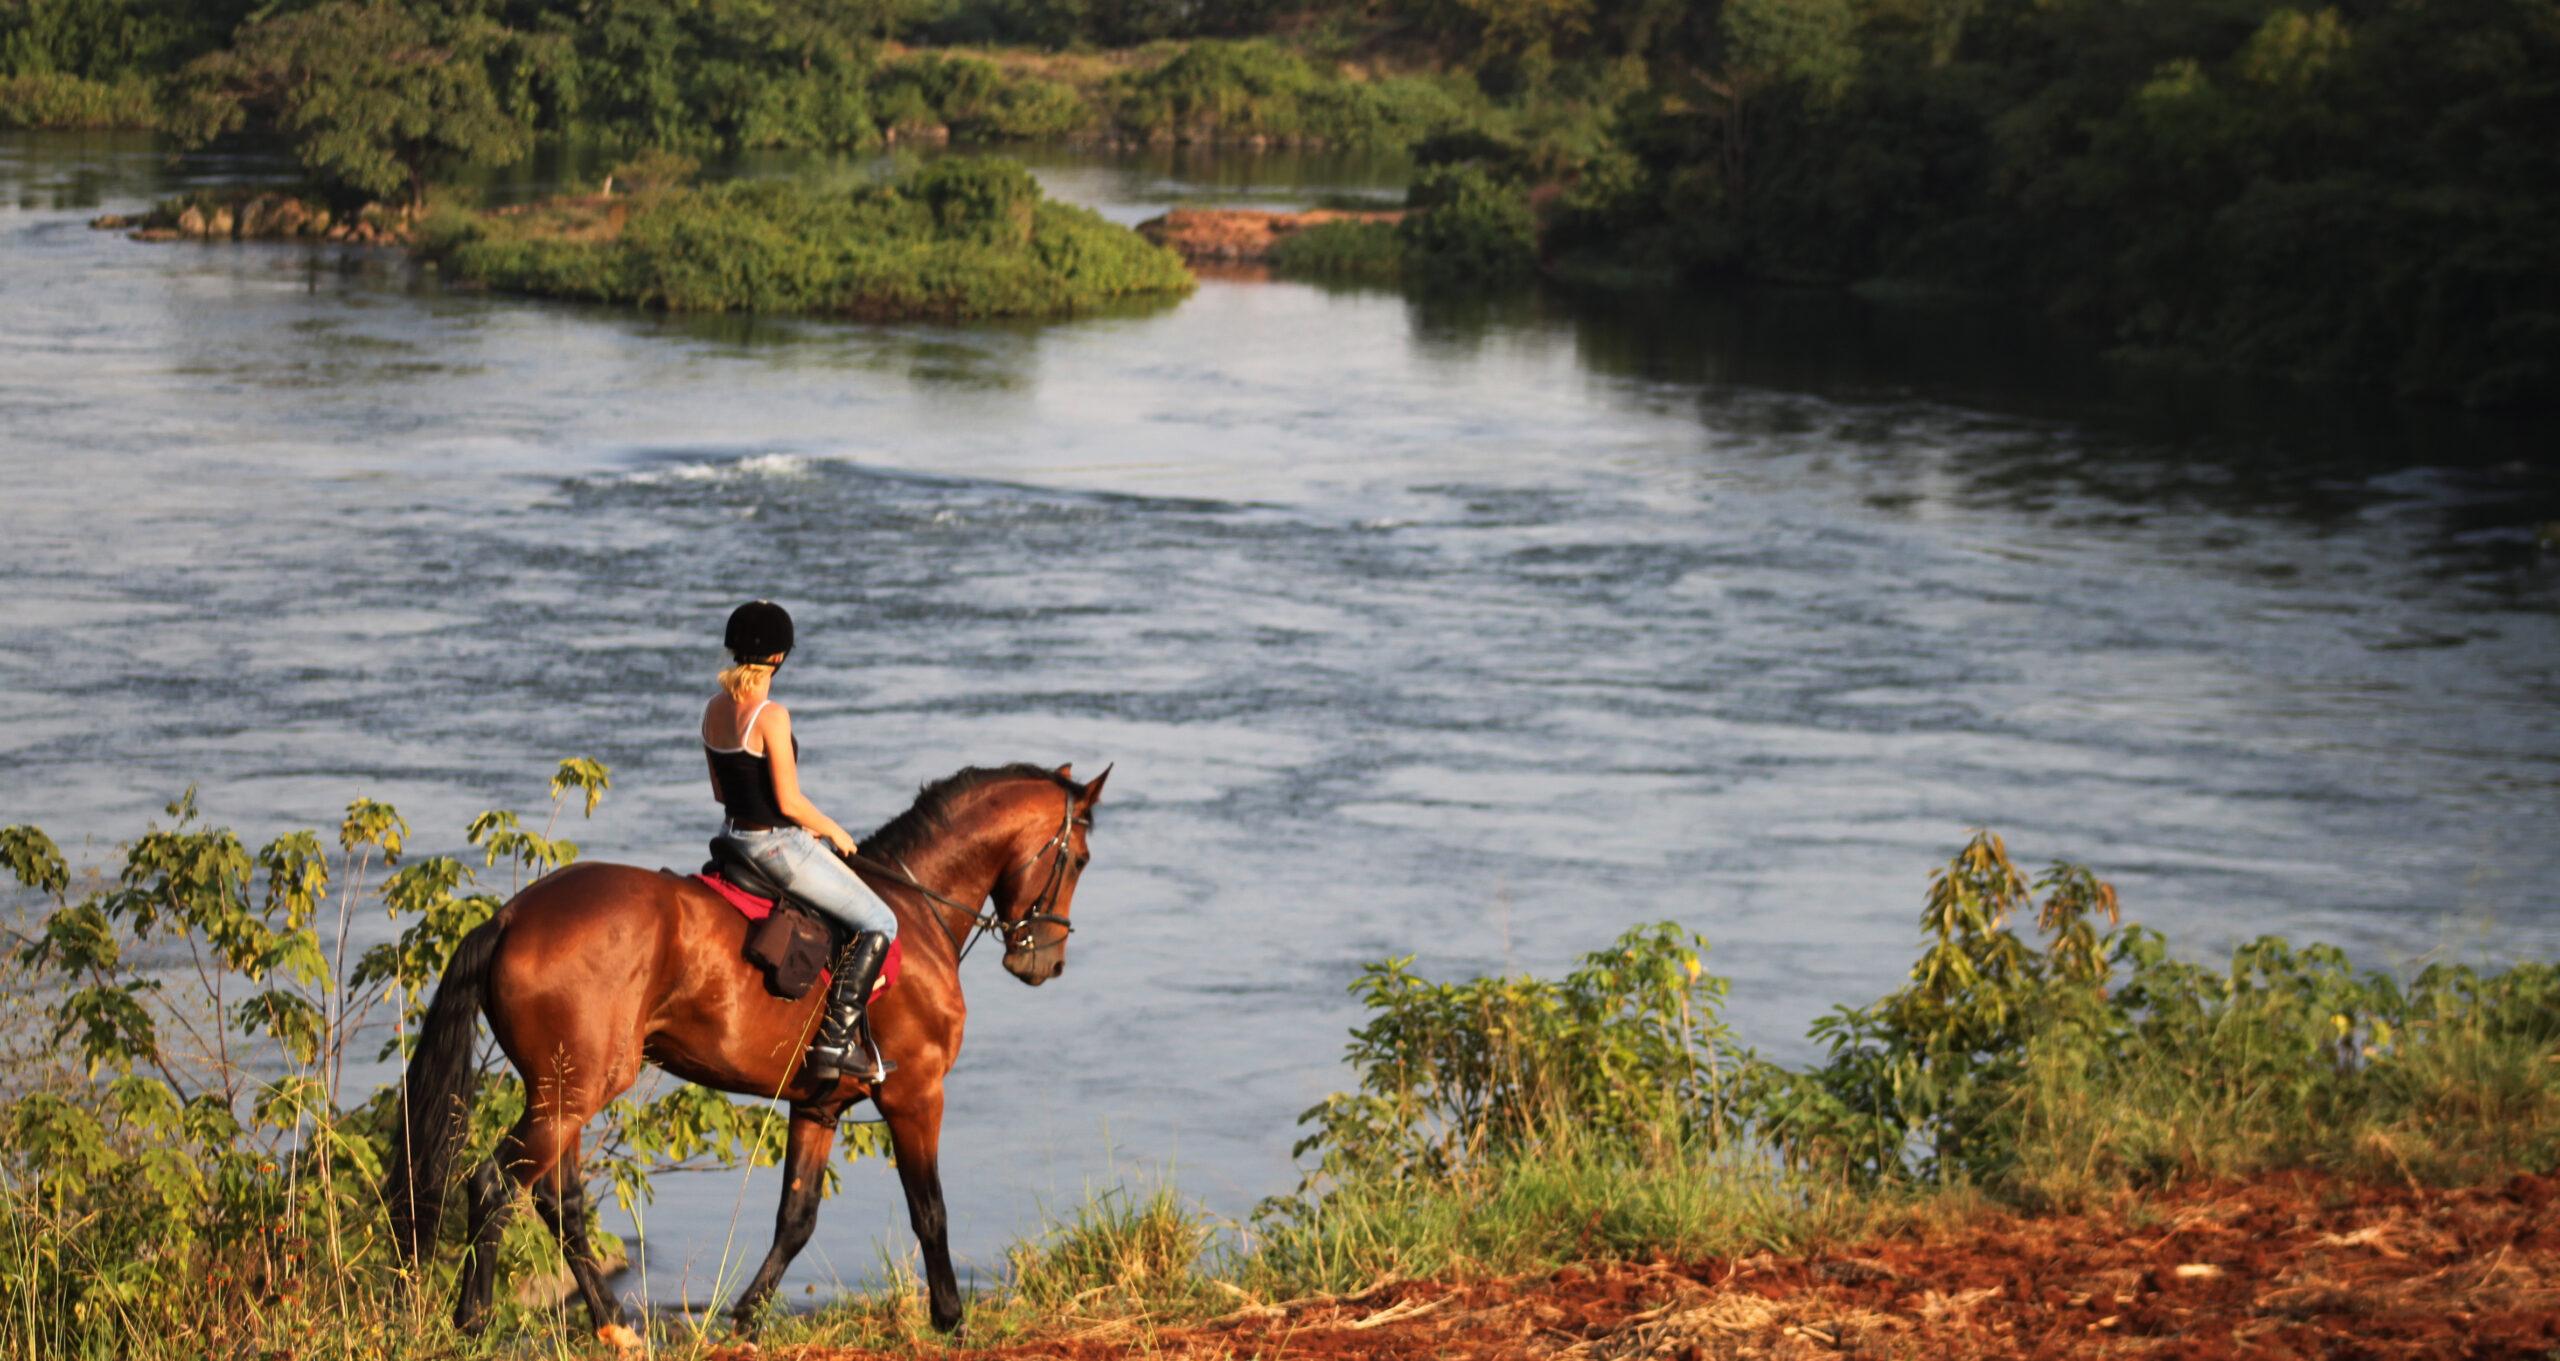 Paardrijden langs de oevers van de Nijl in Uganda - Vakantie te paard / Reisbureau Perlan